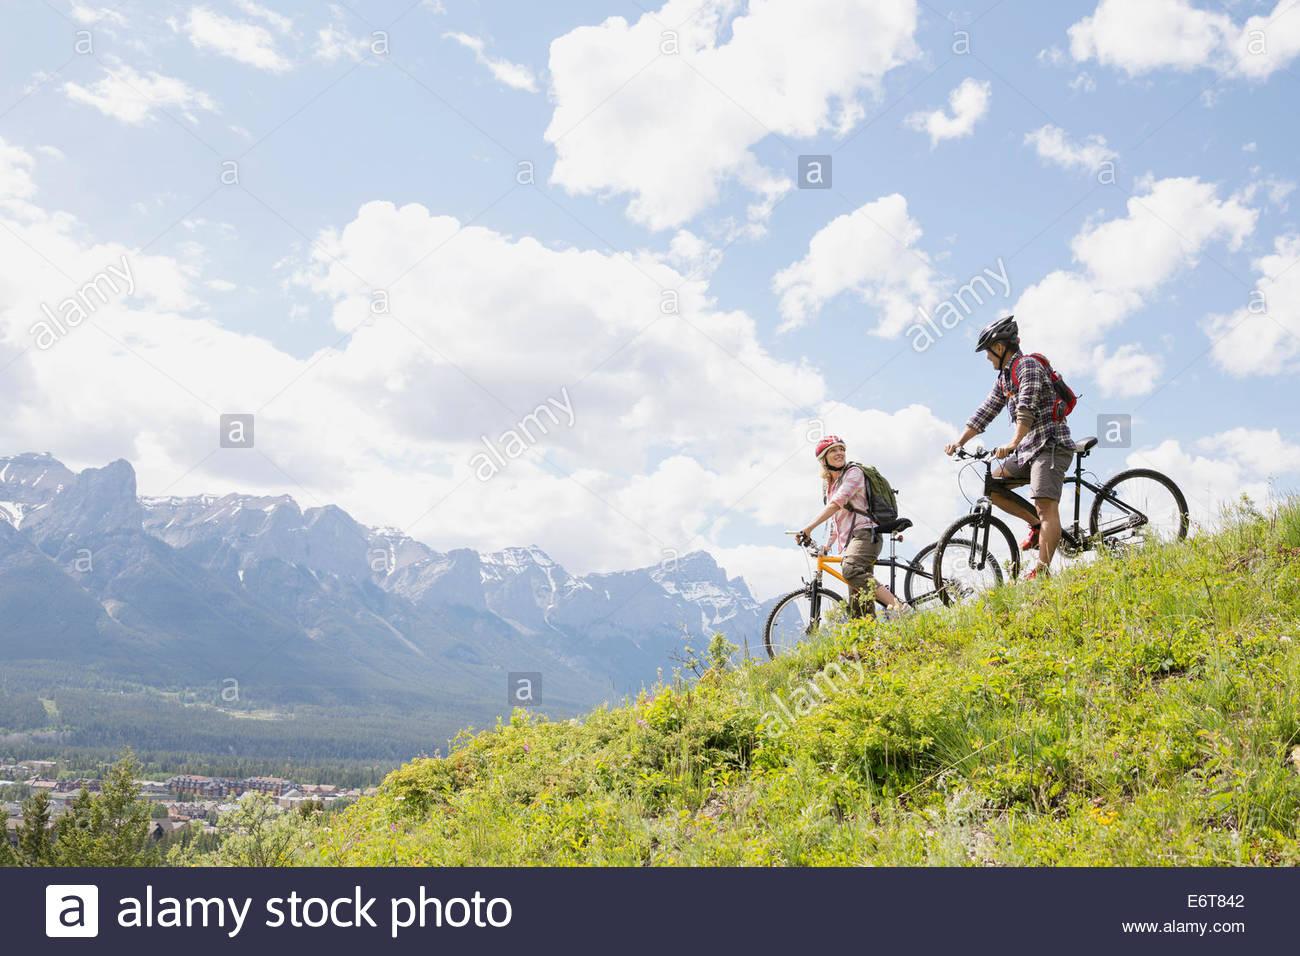 Paar stehend mit Mountainbikes auf Hügel Stockbild